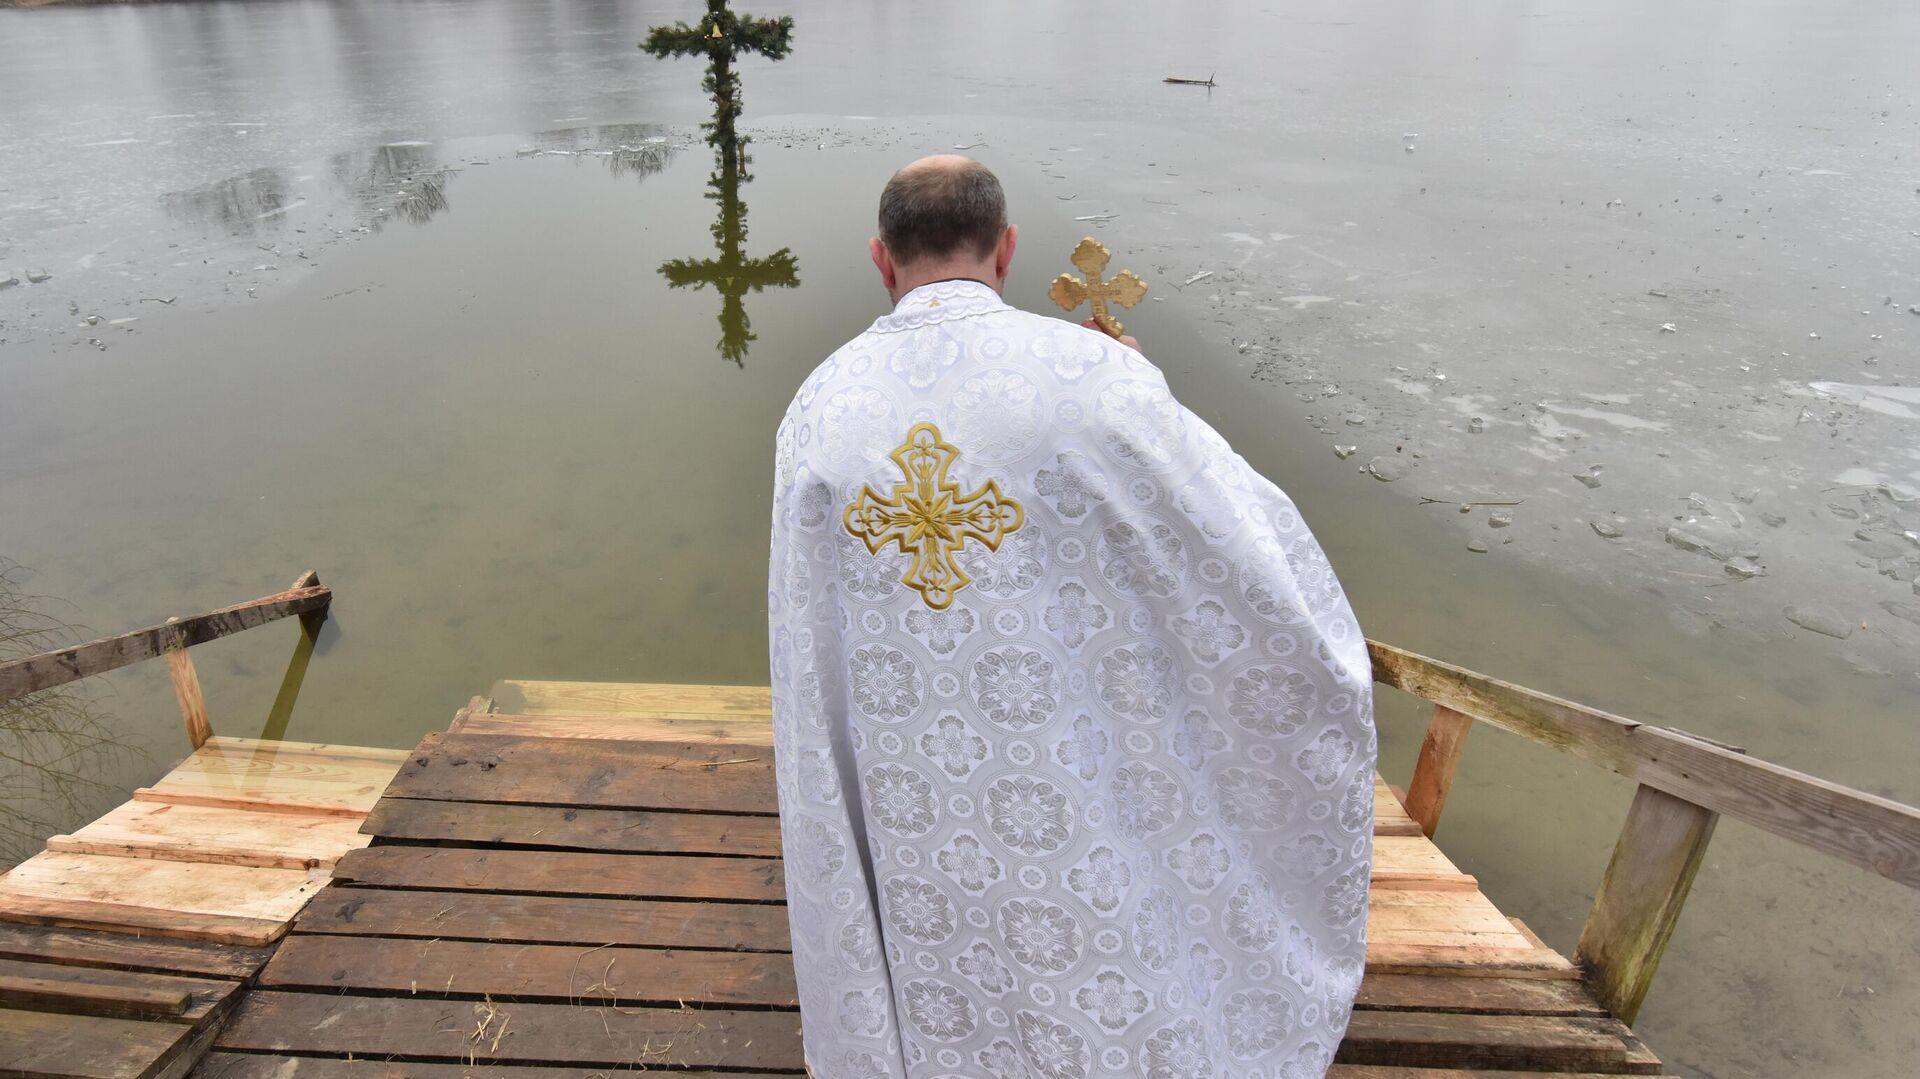 Священнослужитель на праздновании Крещения во Львовской области - РИА Новости, 1920, 14.01.2021